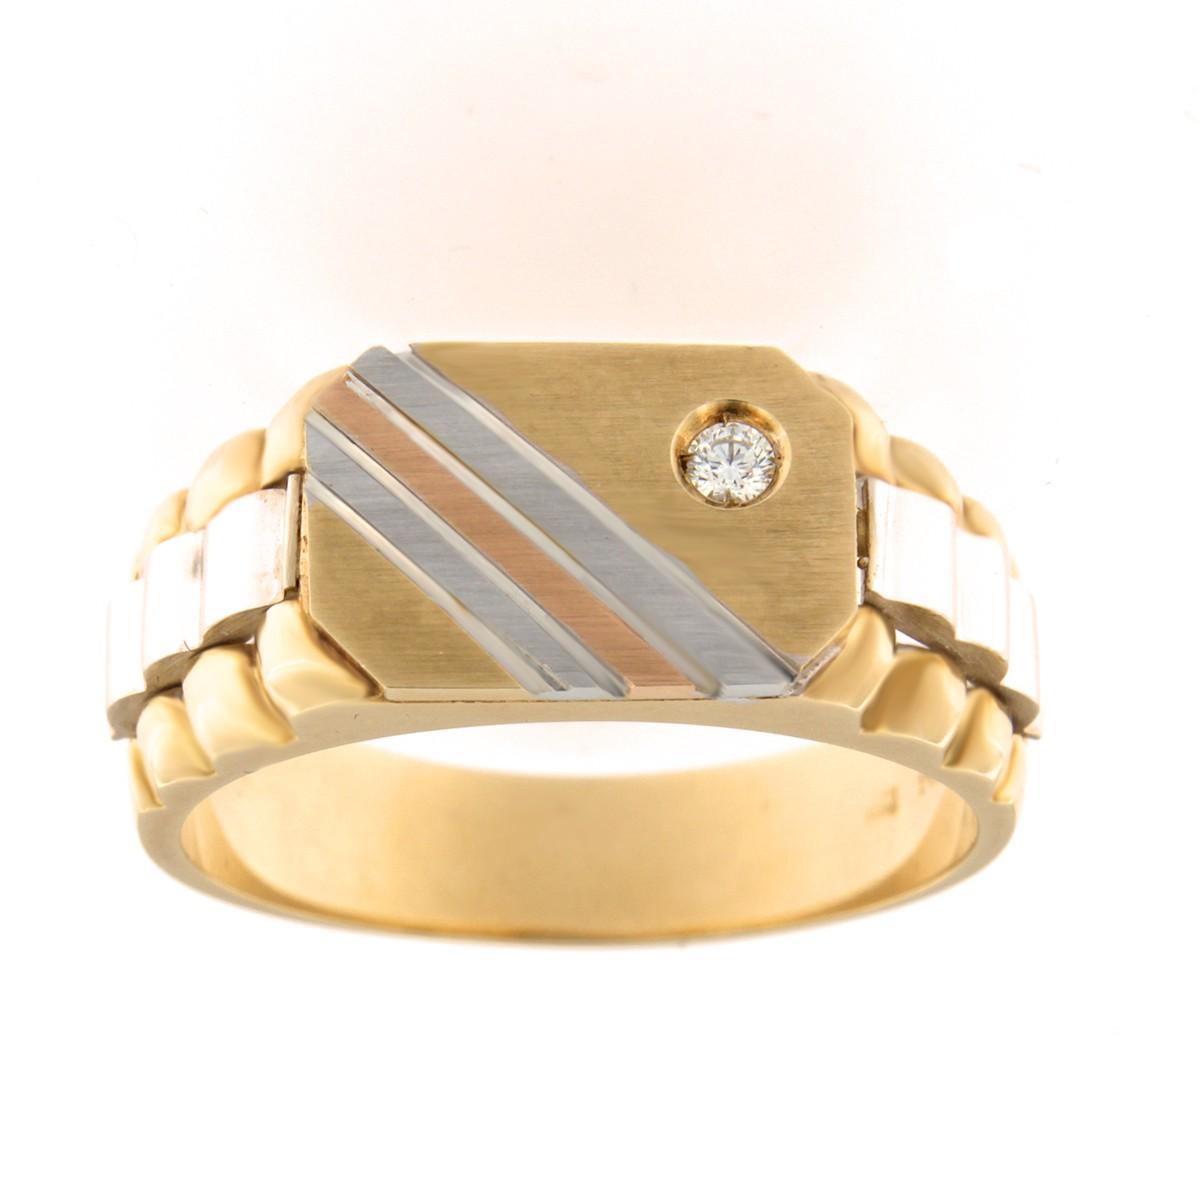 Kullast klotser teemantiga 0,05 ct. Kood: 295b eest